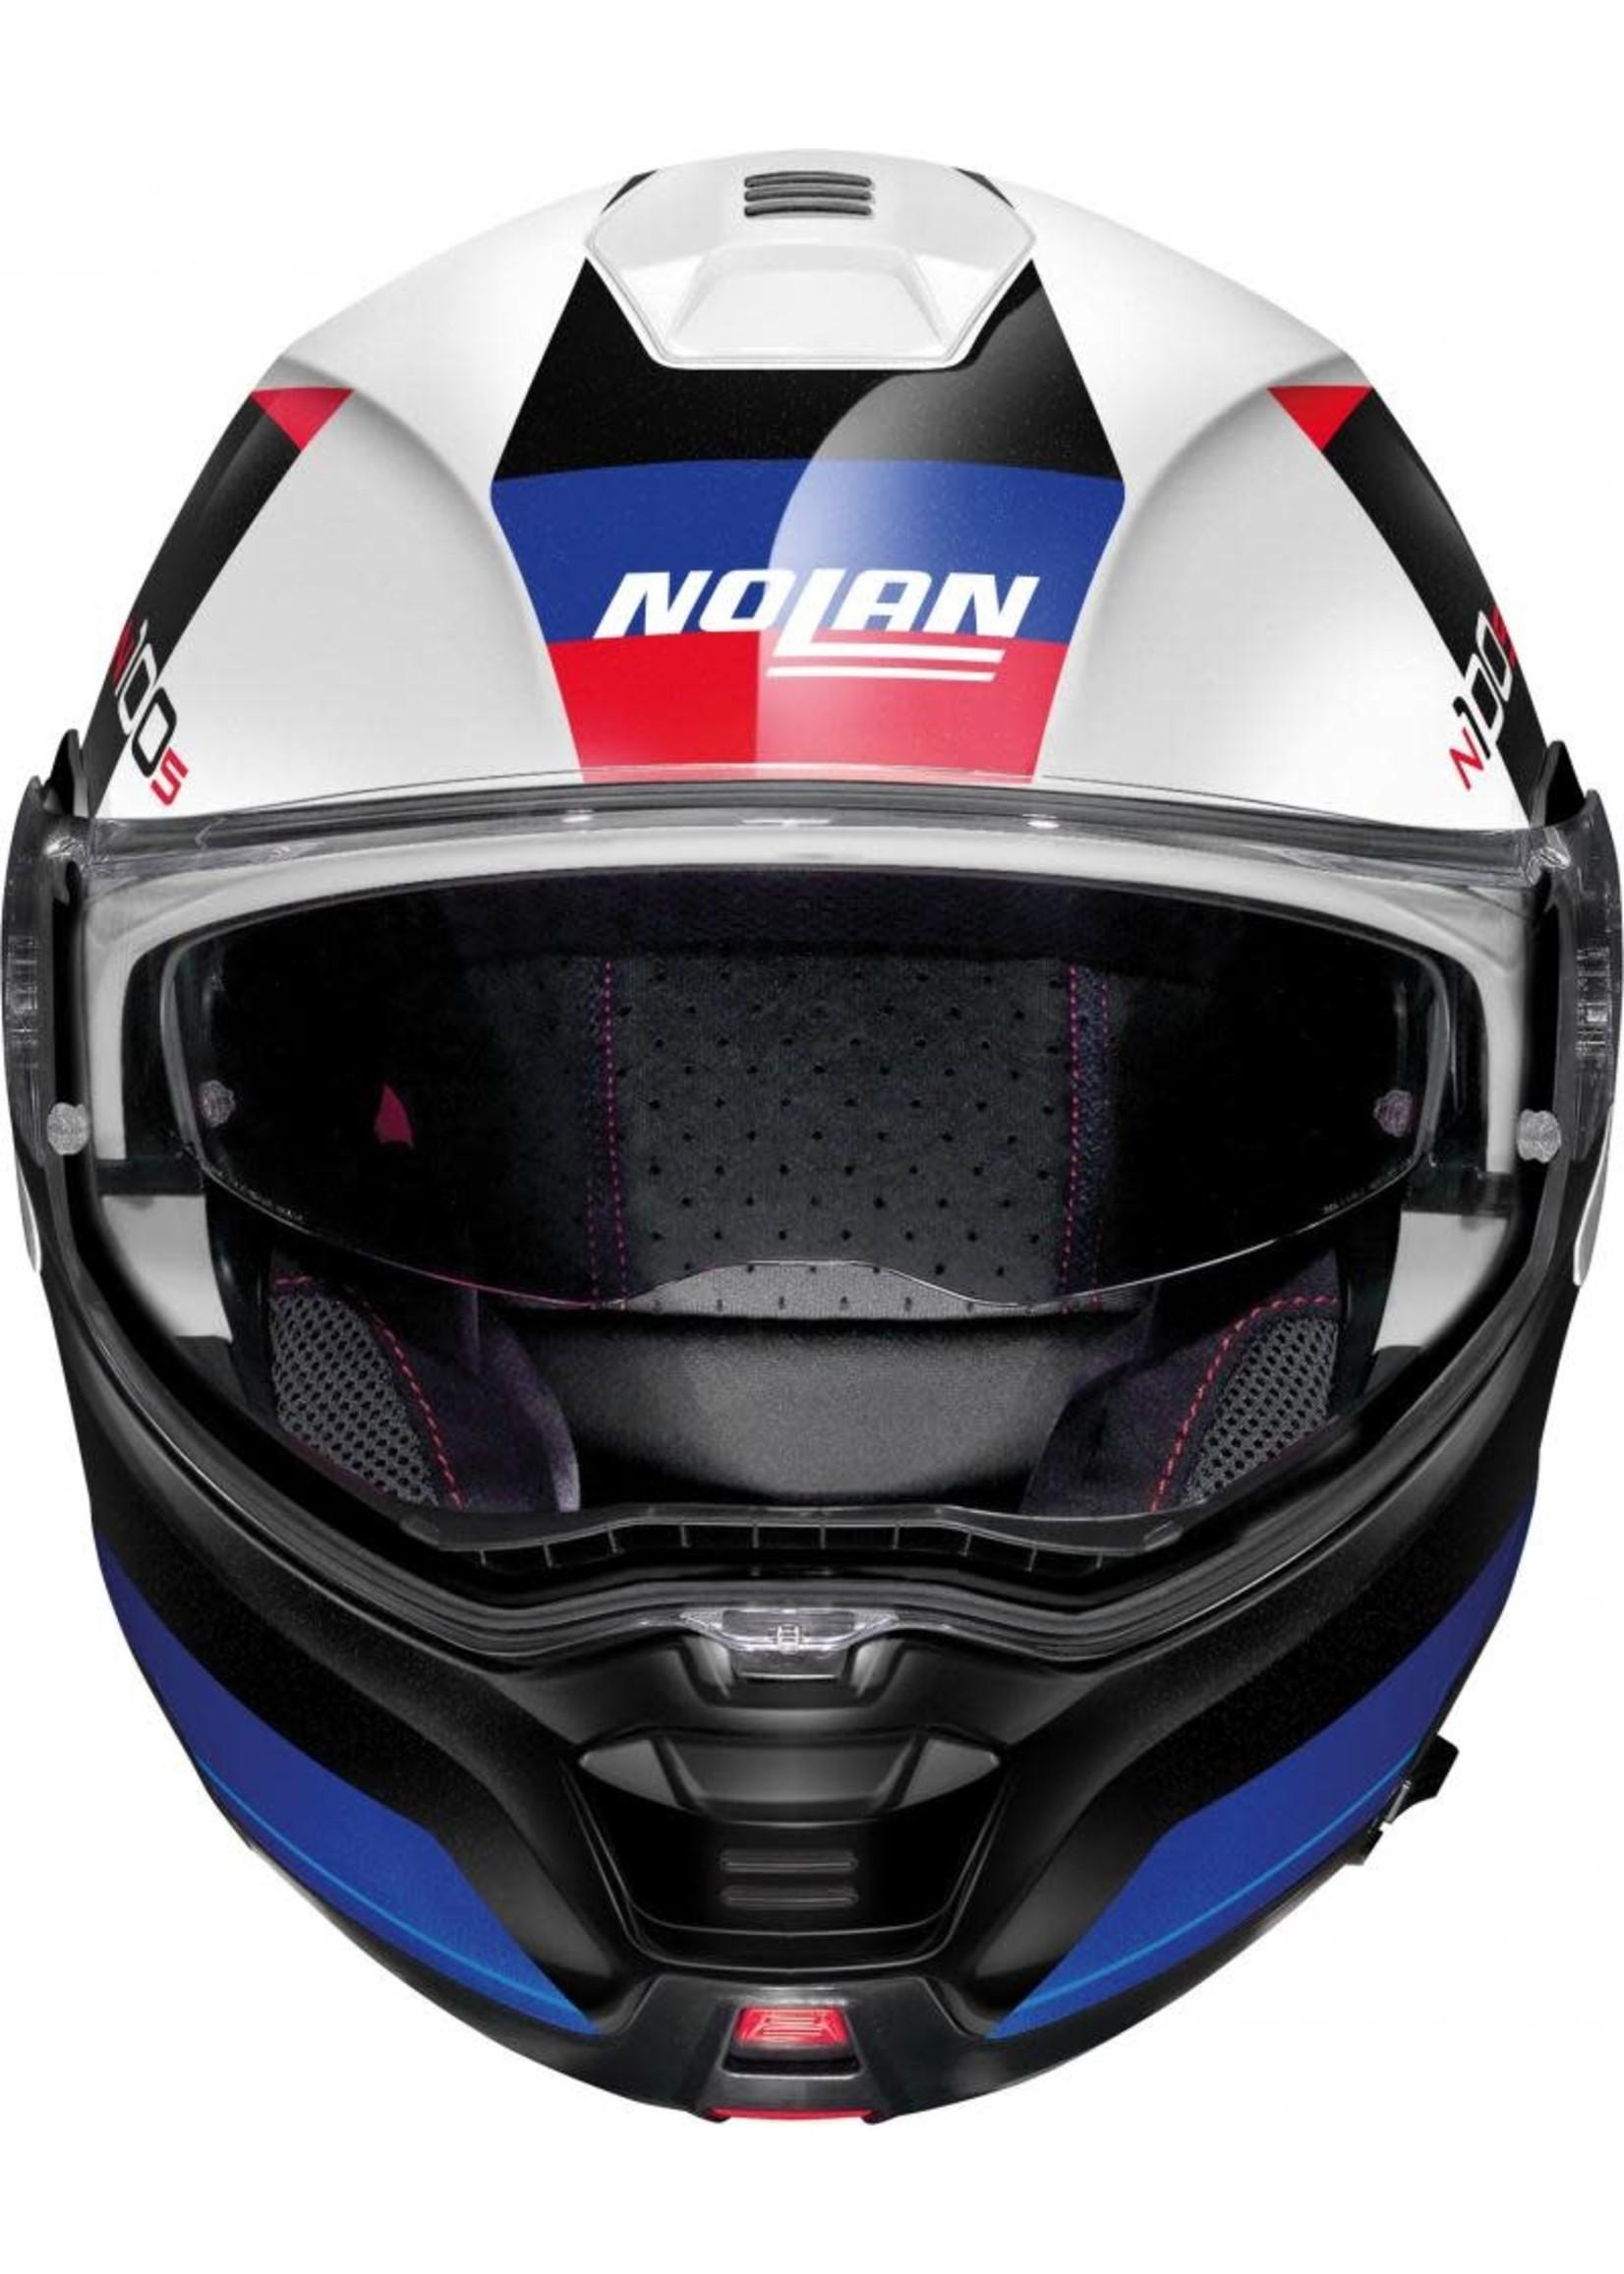 Nolan N100-5 HILLTOP N-COM